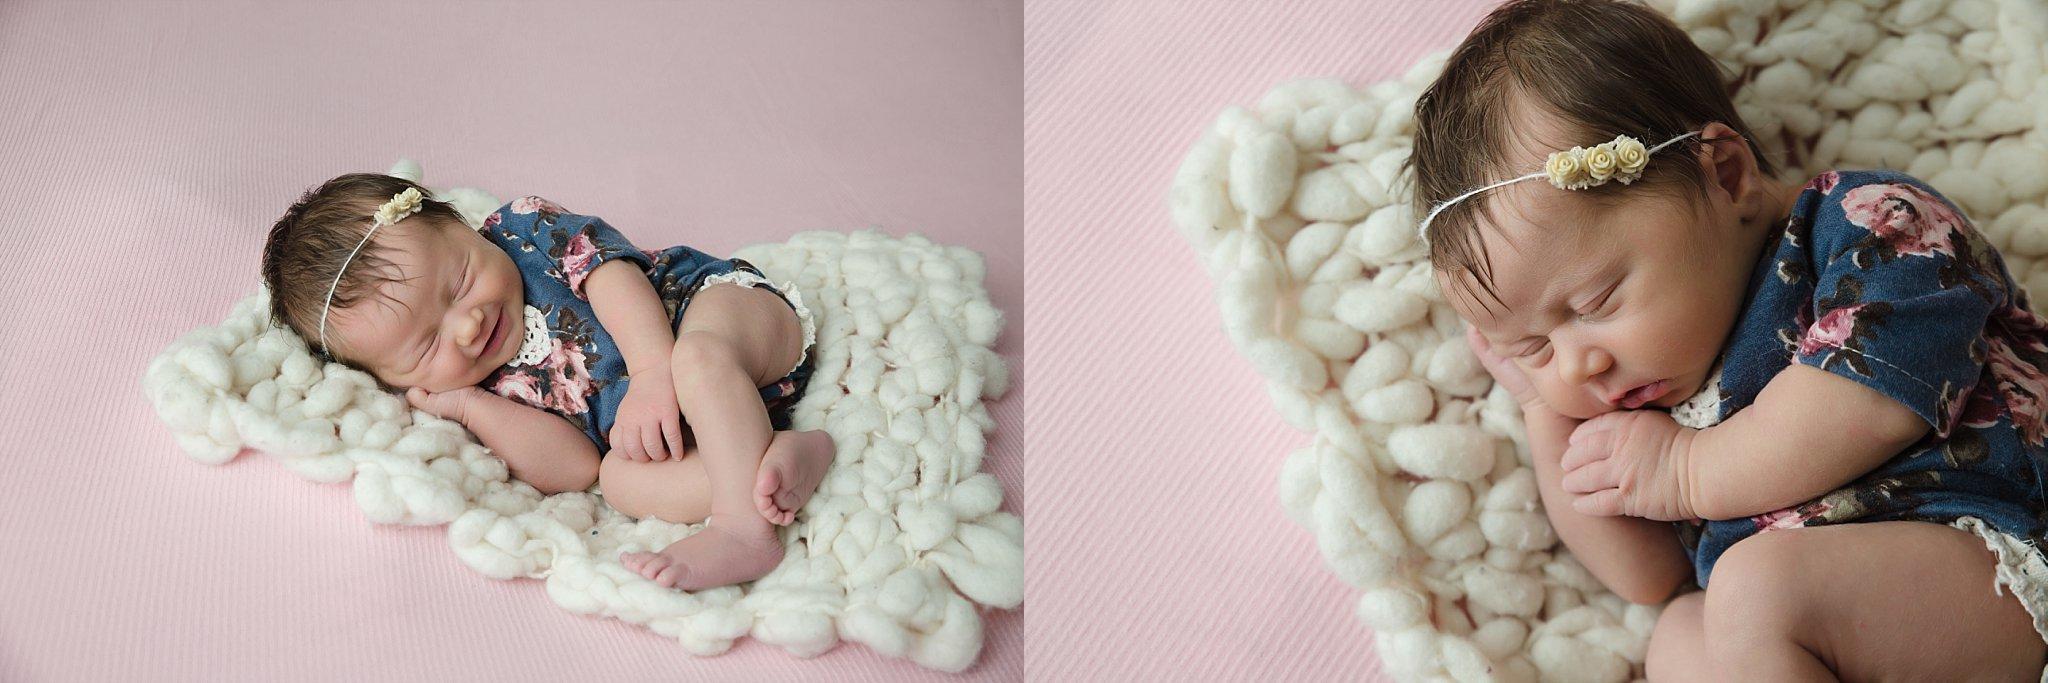 columbus_ohio_newborn_photographer_0103.jpg